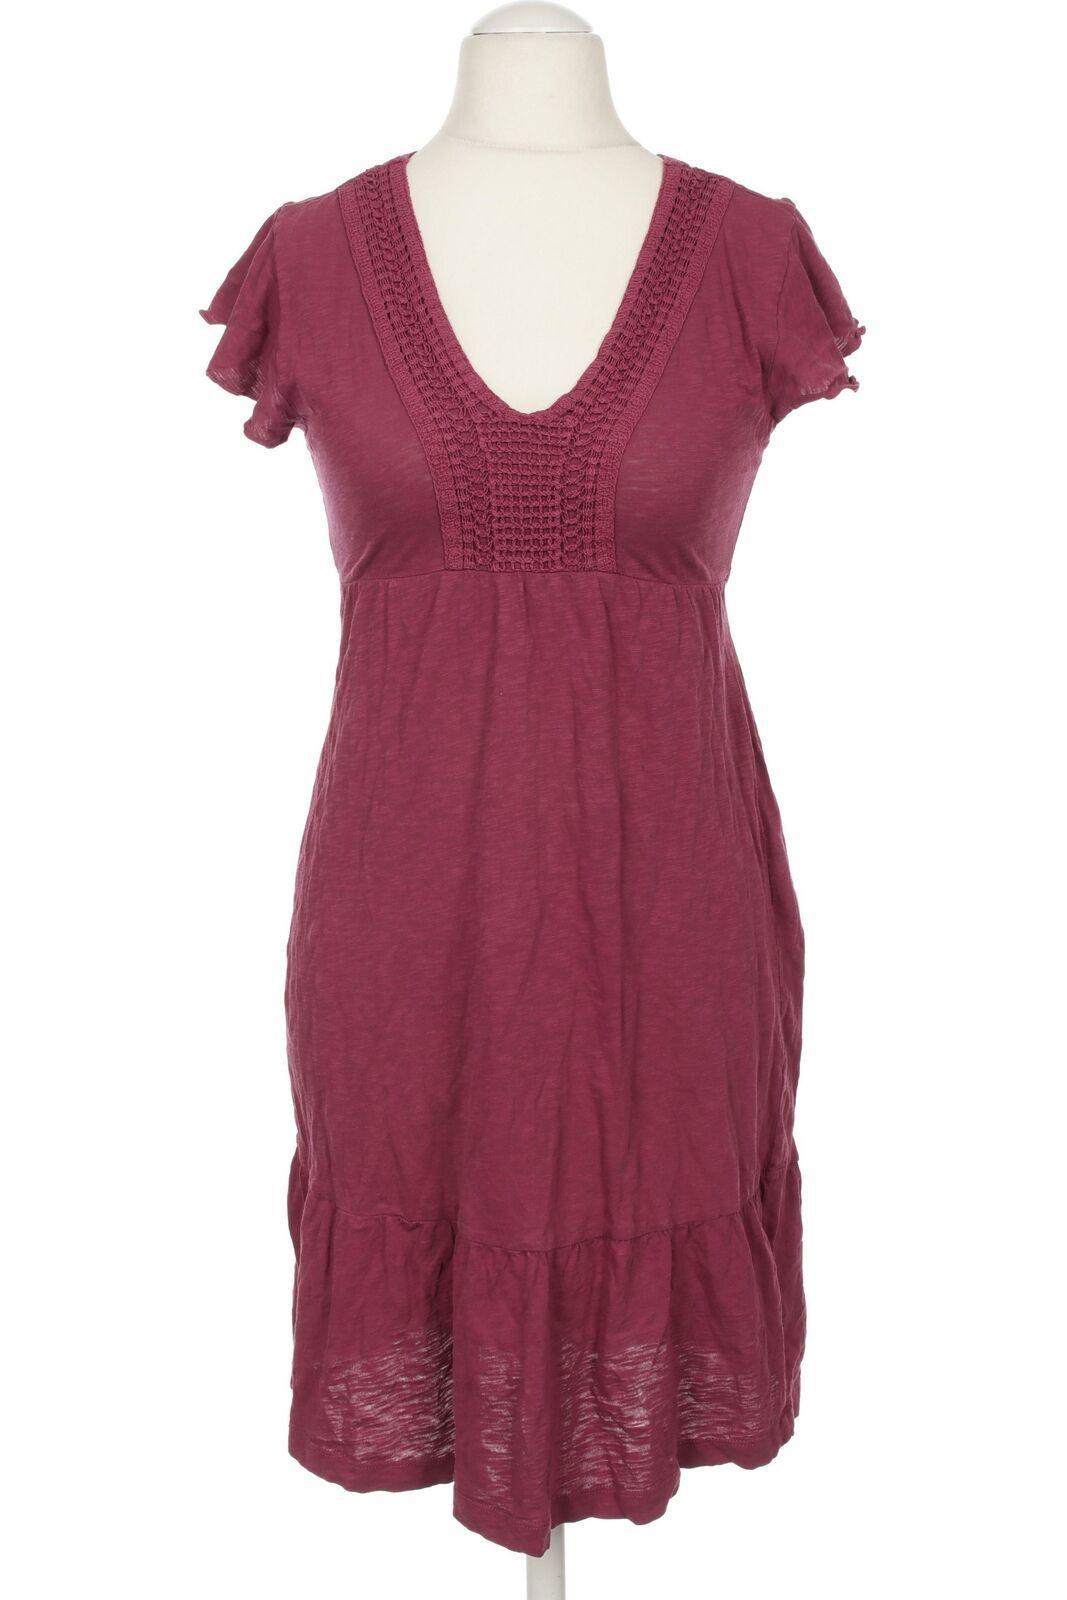 10 Leicht Abendkleid Esprit Boutique20 Erstaunlich Abendkleid Esprit Vertrieb